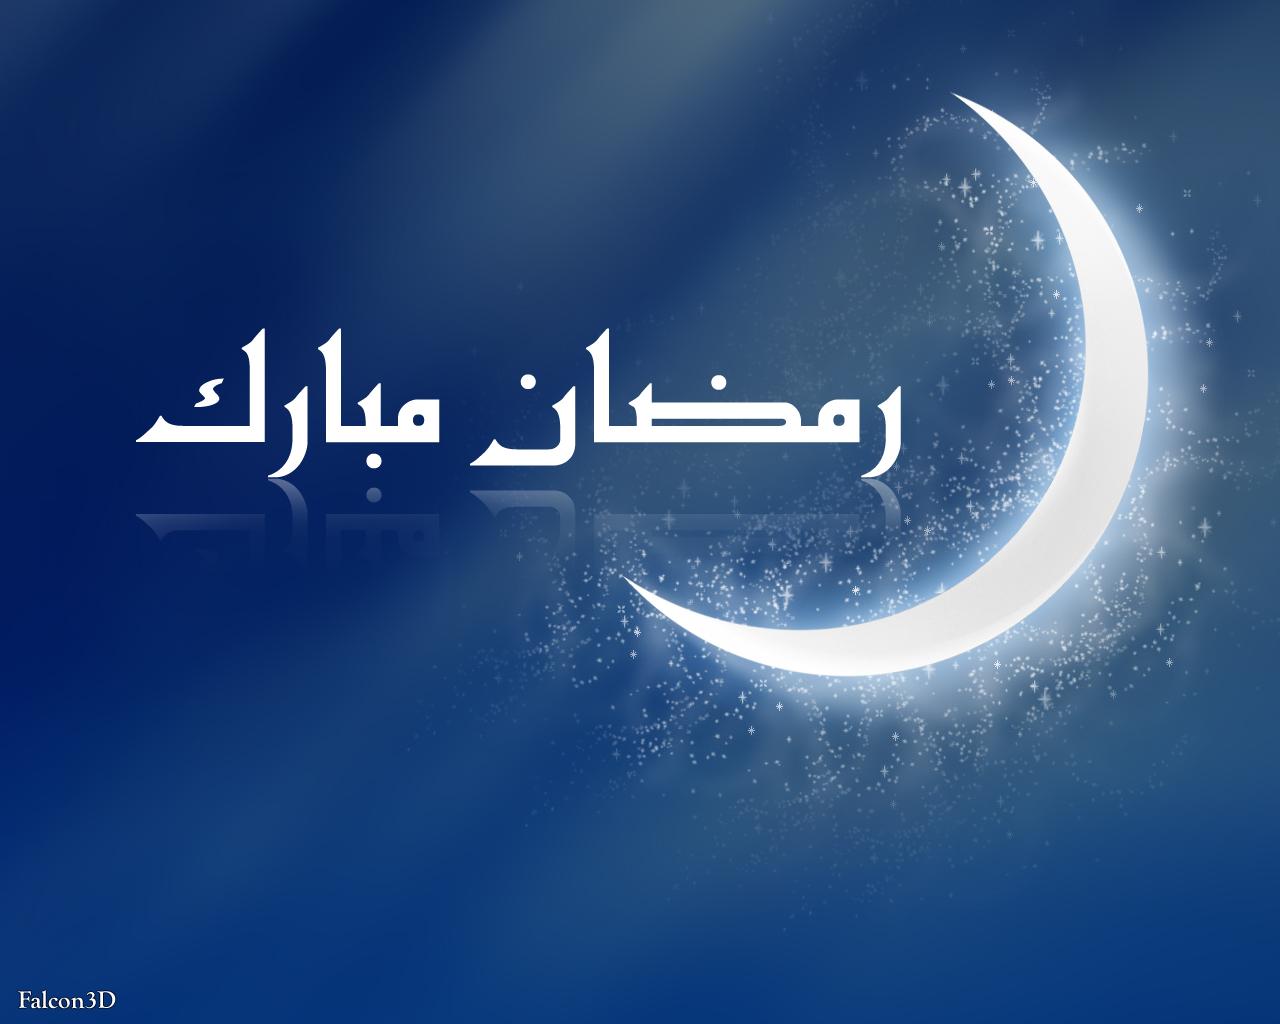 ��� �������� ��� ����� ����� , ������ �������� ������ ����� 1437 - instagram ramadan 2015_1391477749_997.